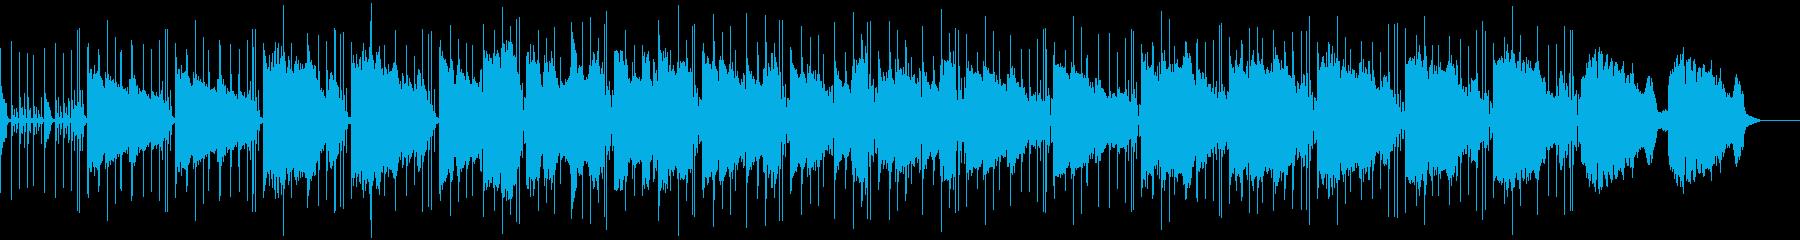 ブルーなジャズのBGMの再生済みの波形